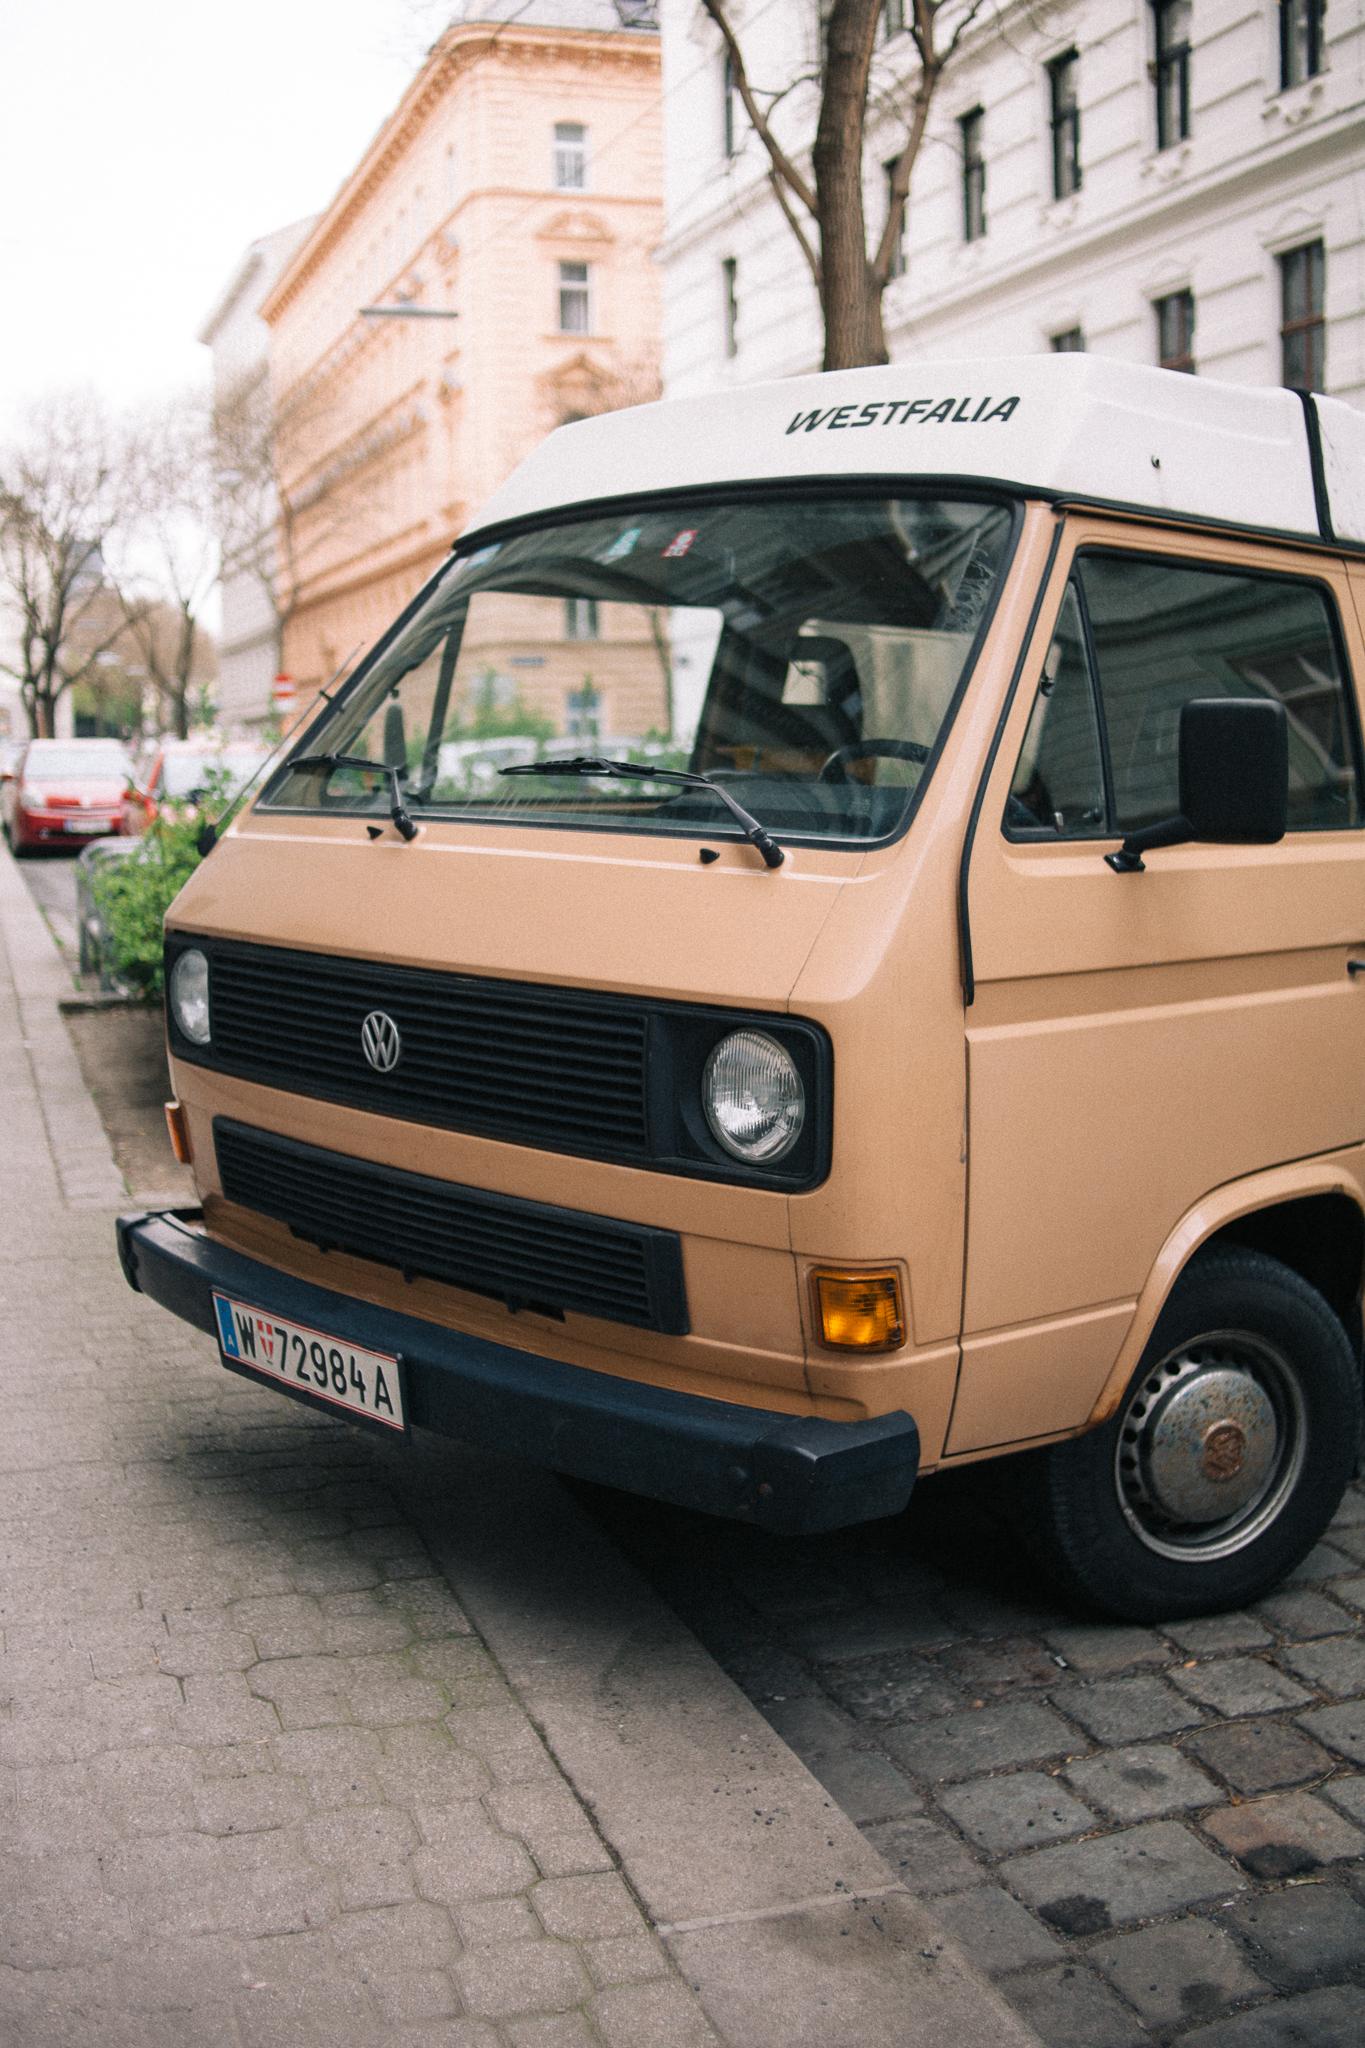 Vienna_0046.jpg